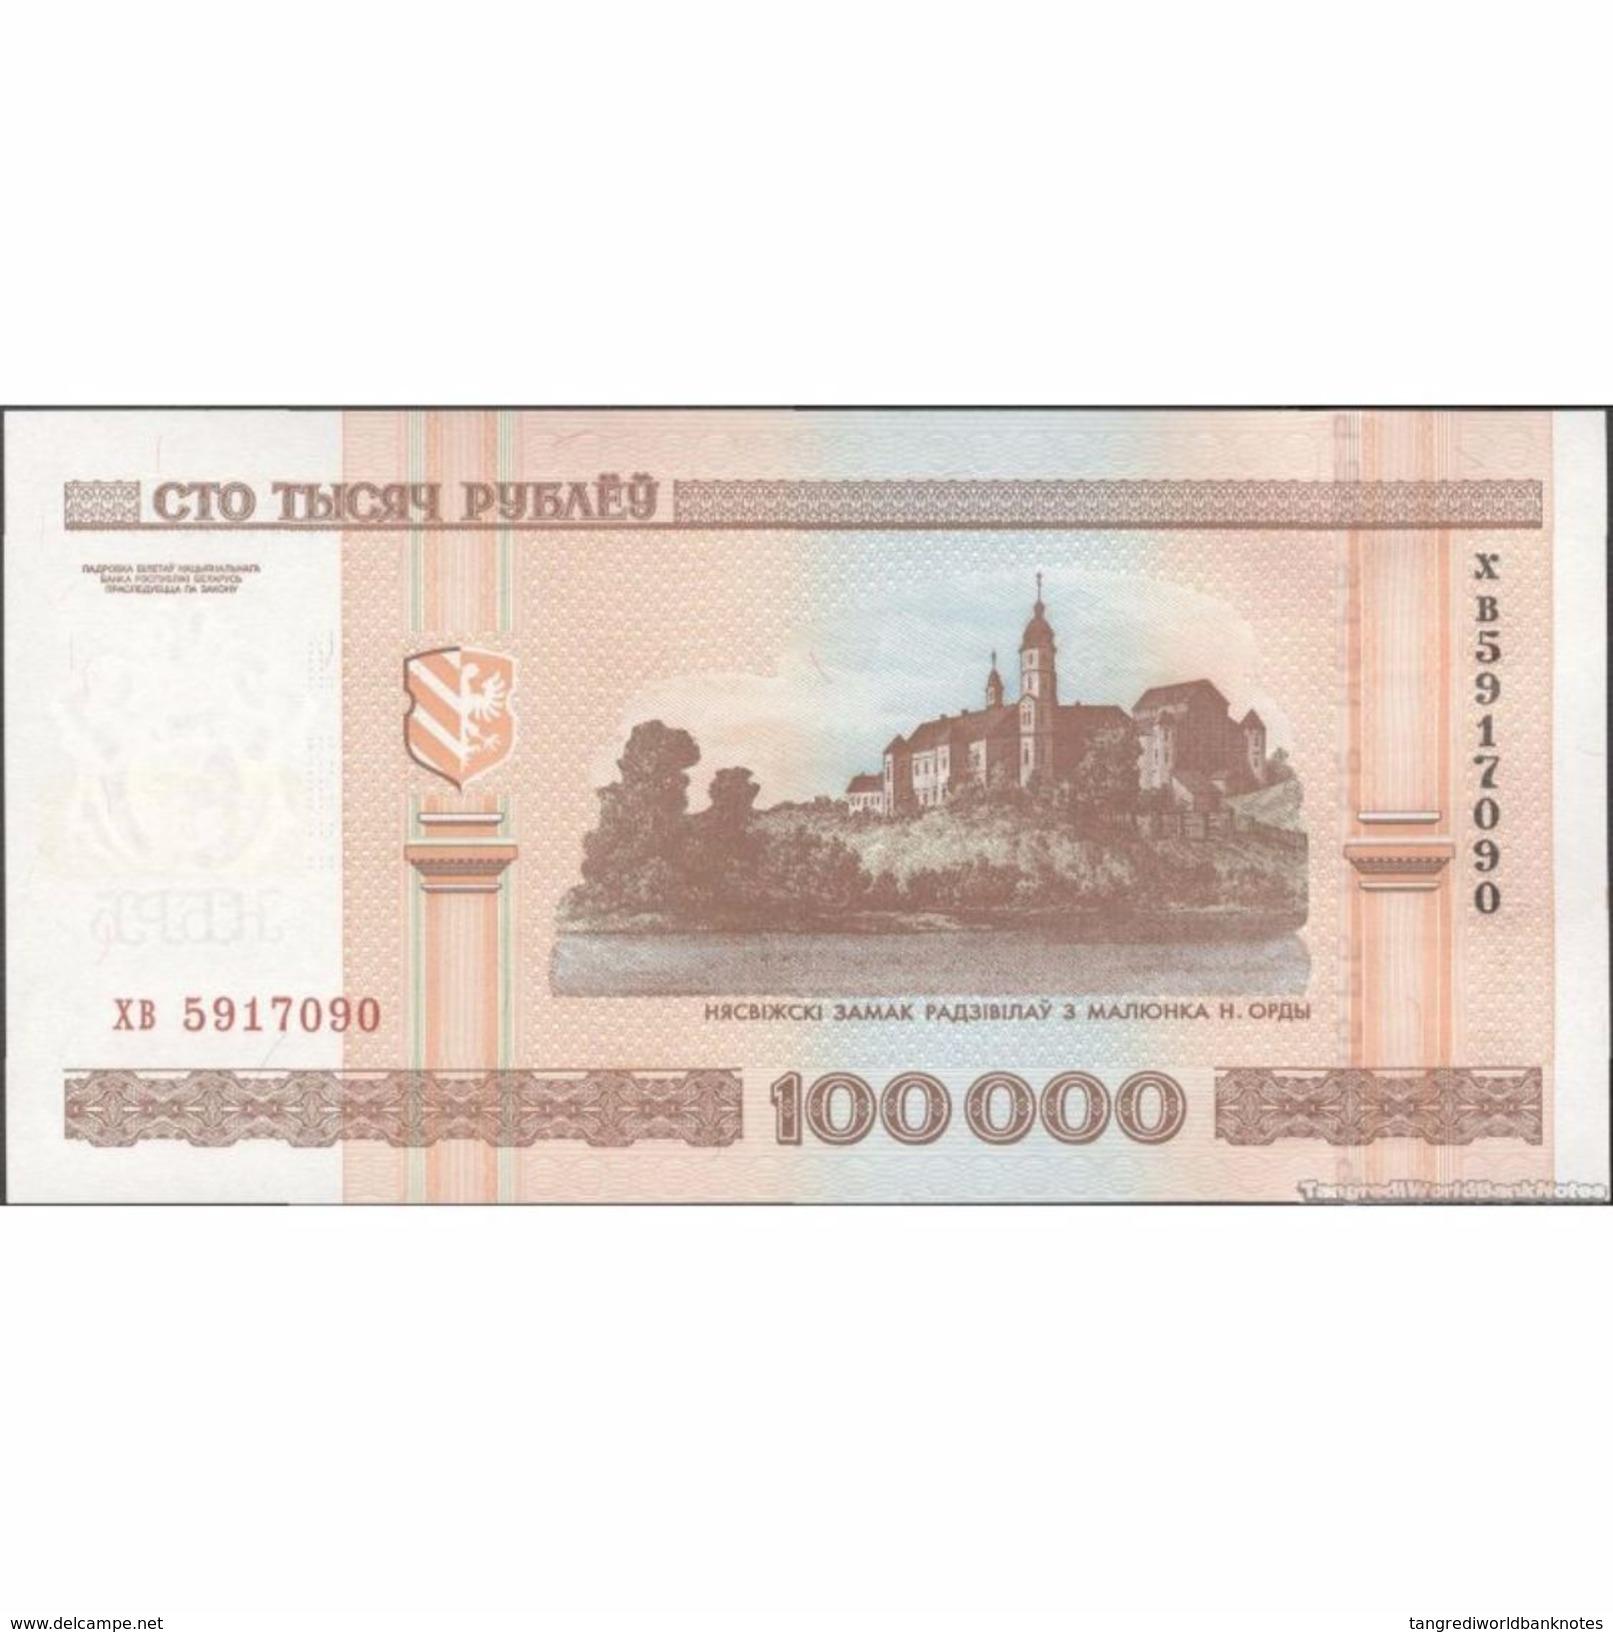 TWN - BELARUS 34b - 100000 100.000 Rublëy 2000 UNC - Bielorussia